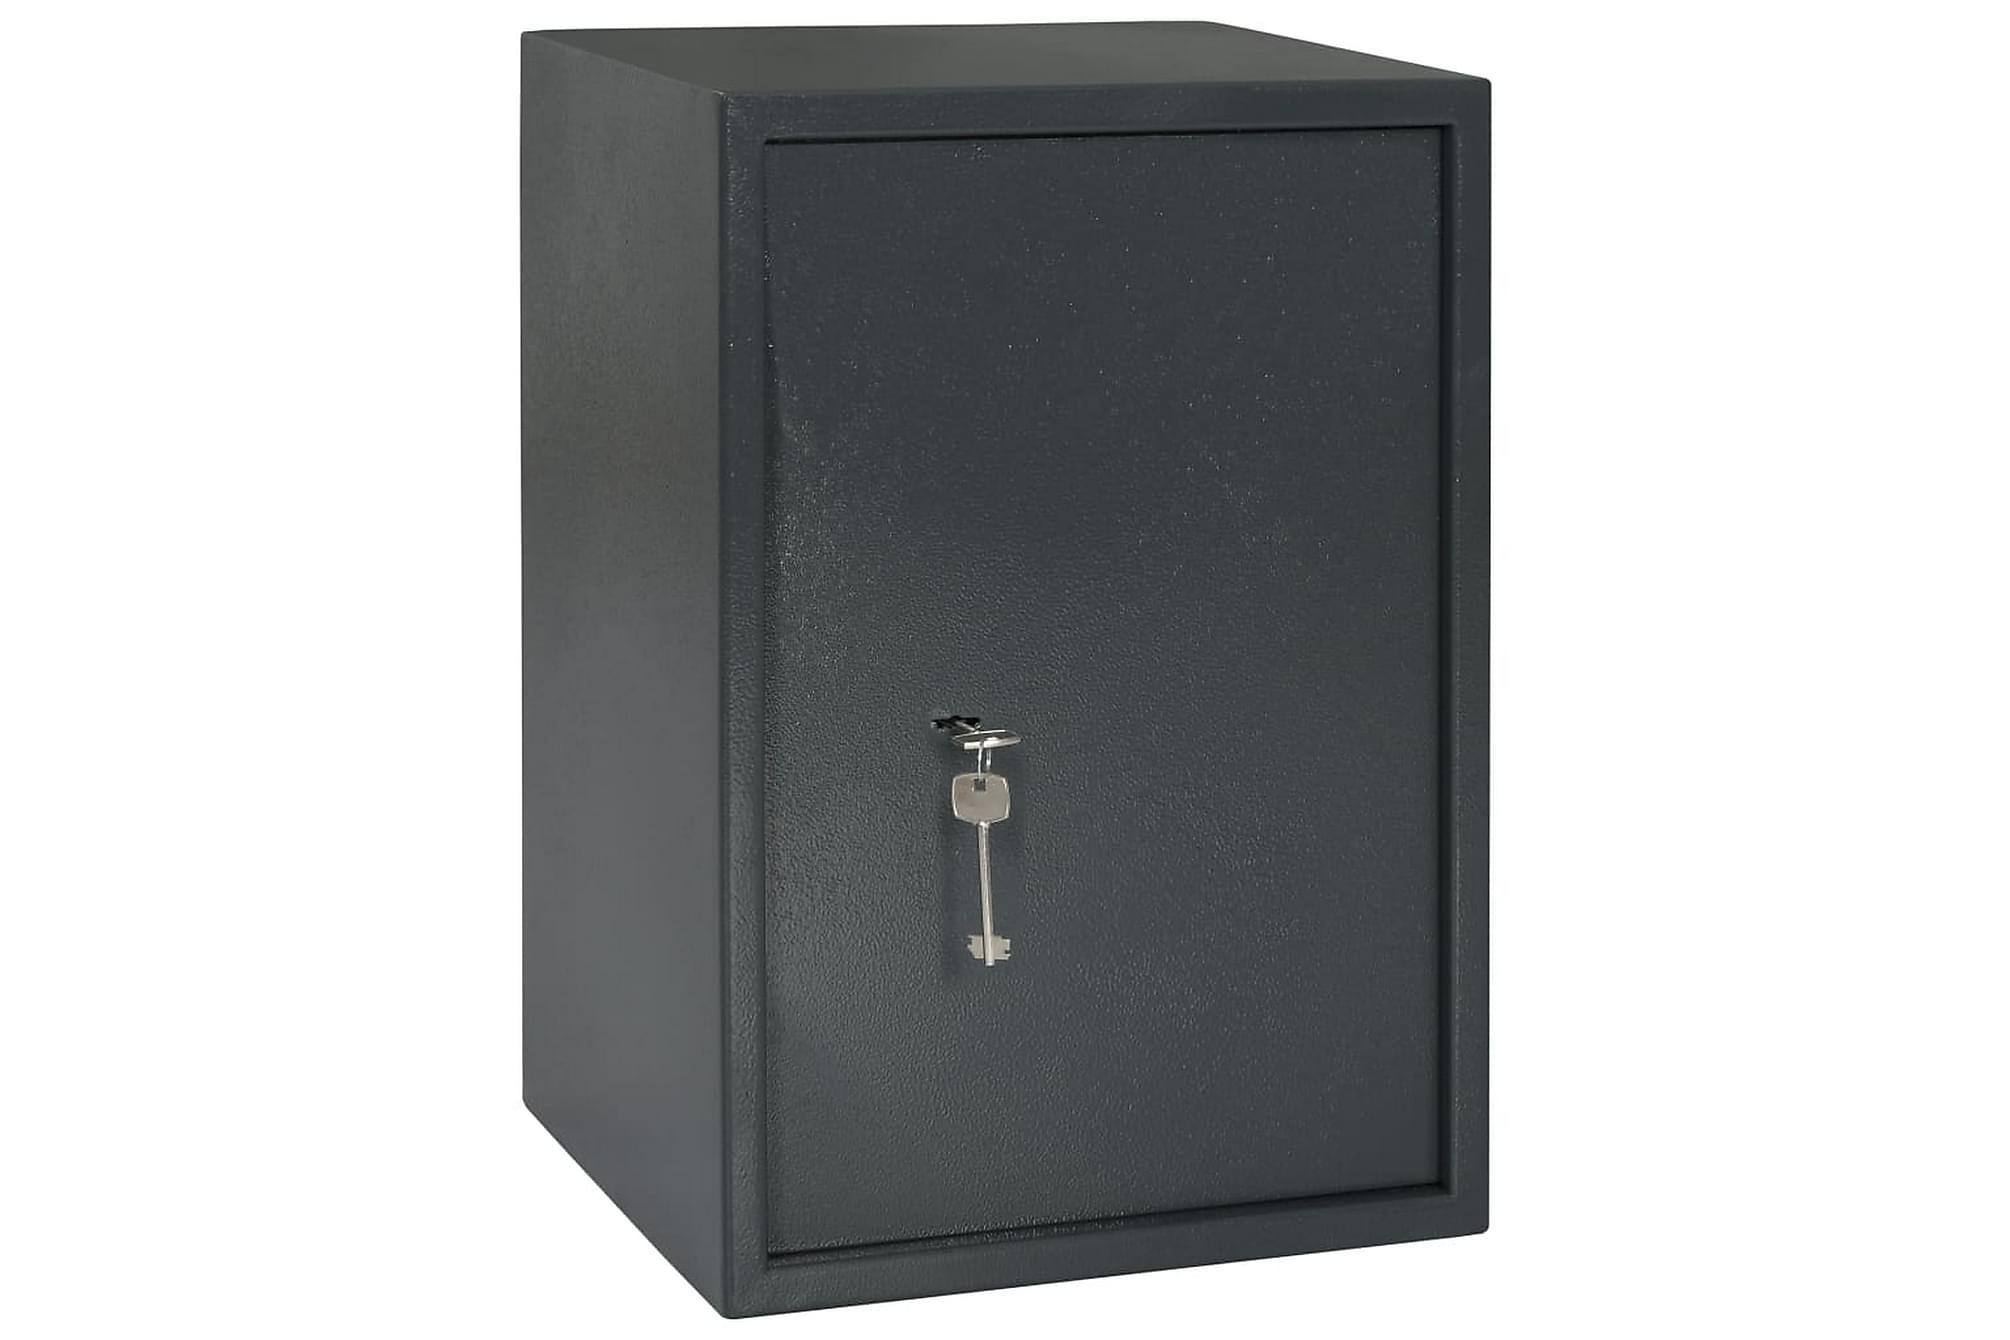 Mekaniskt kassaskåp mörkgrå 35x31x50 cm stål